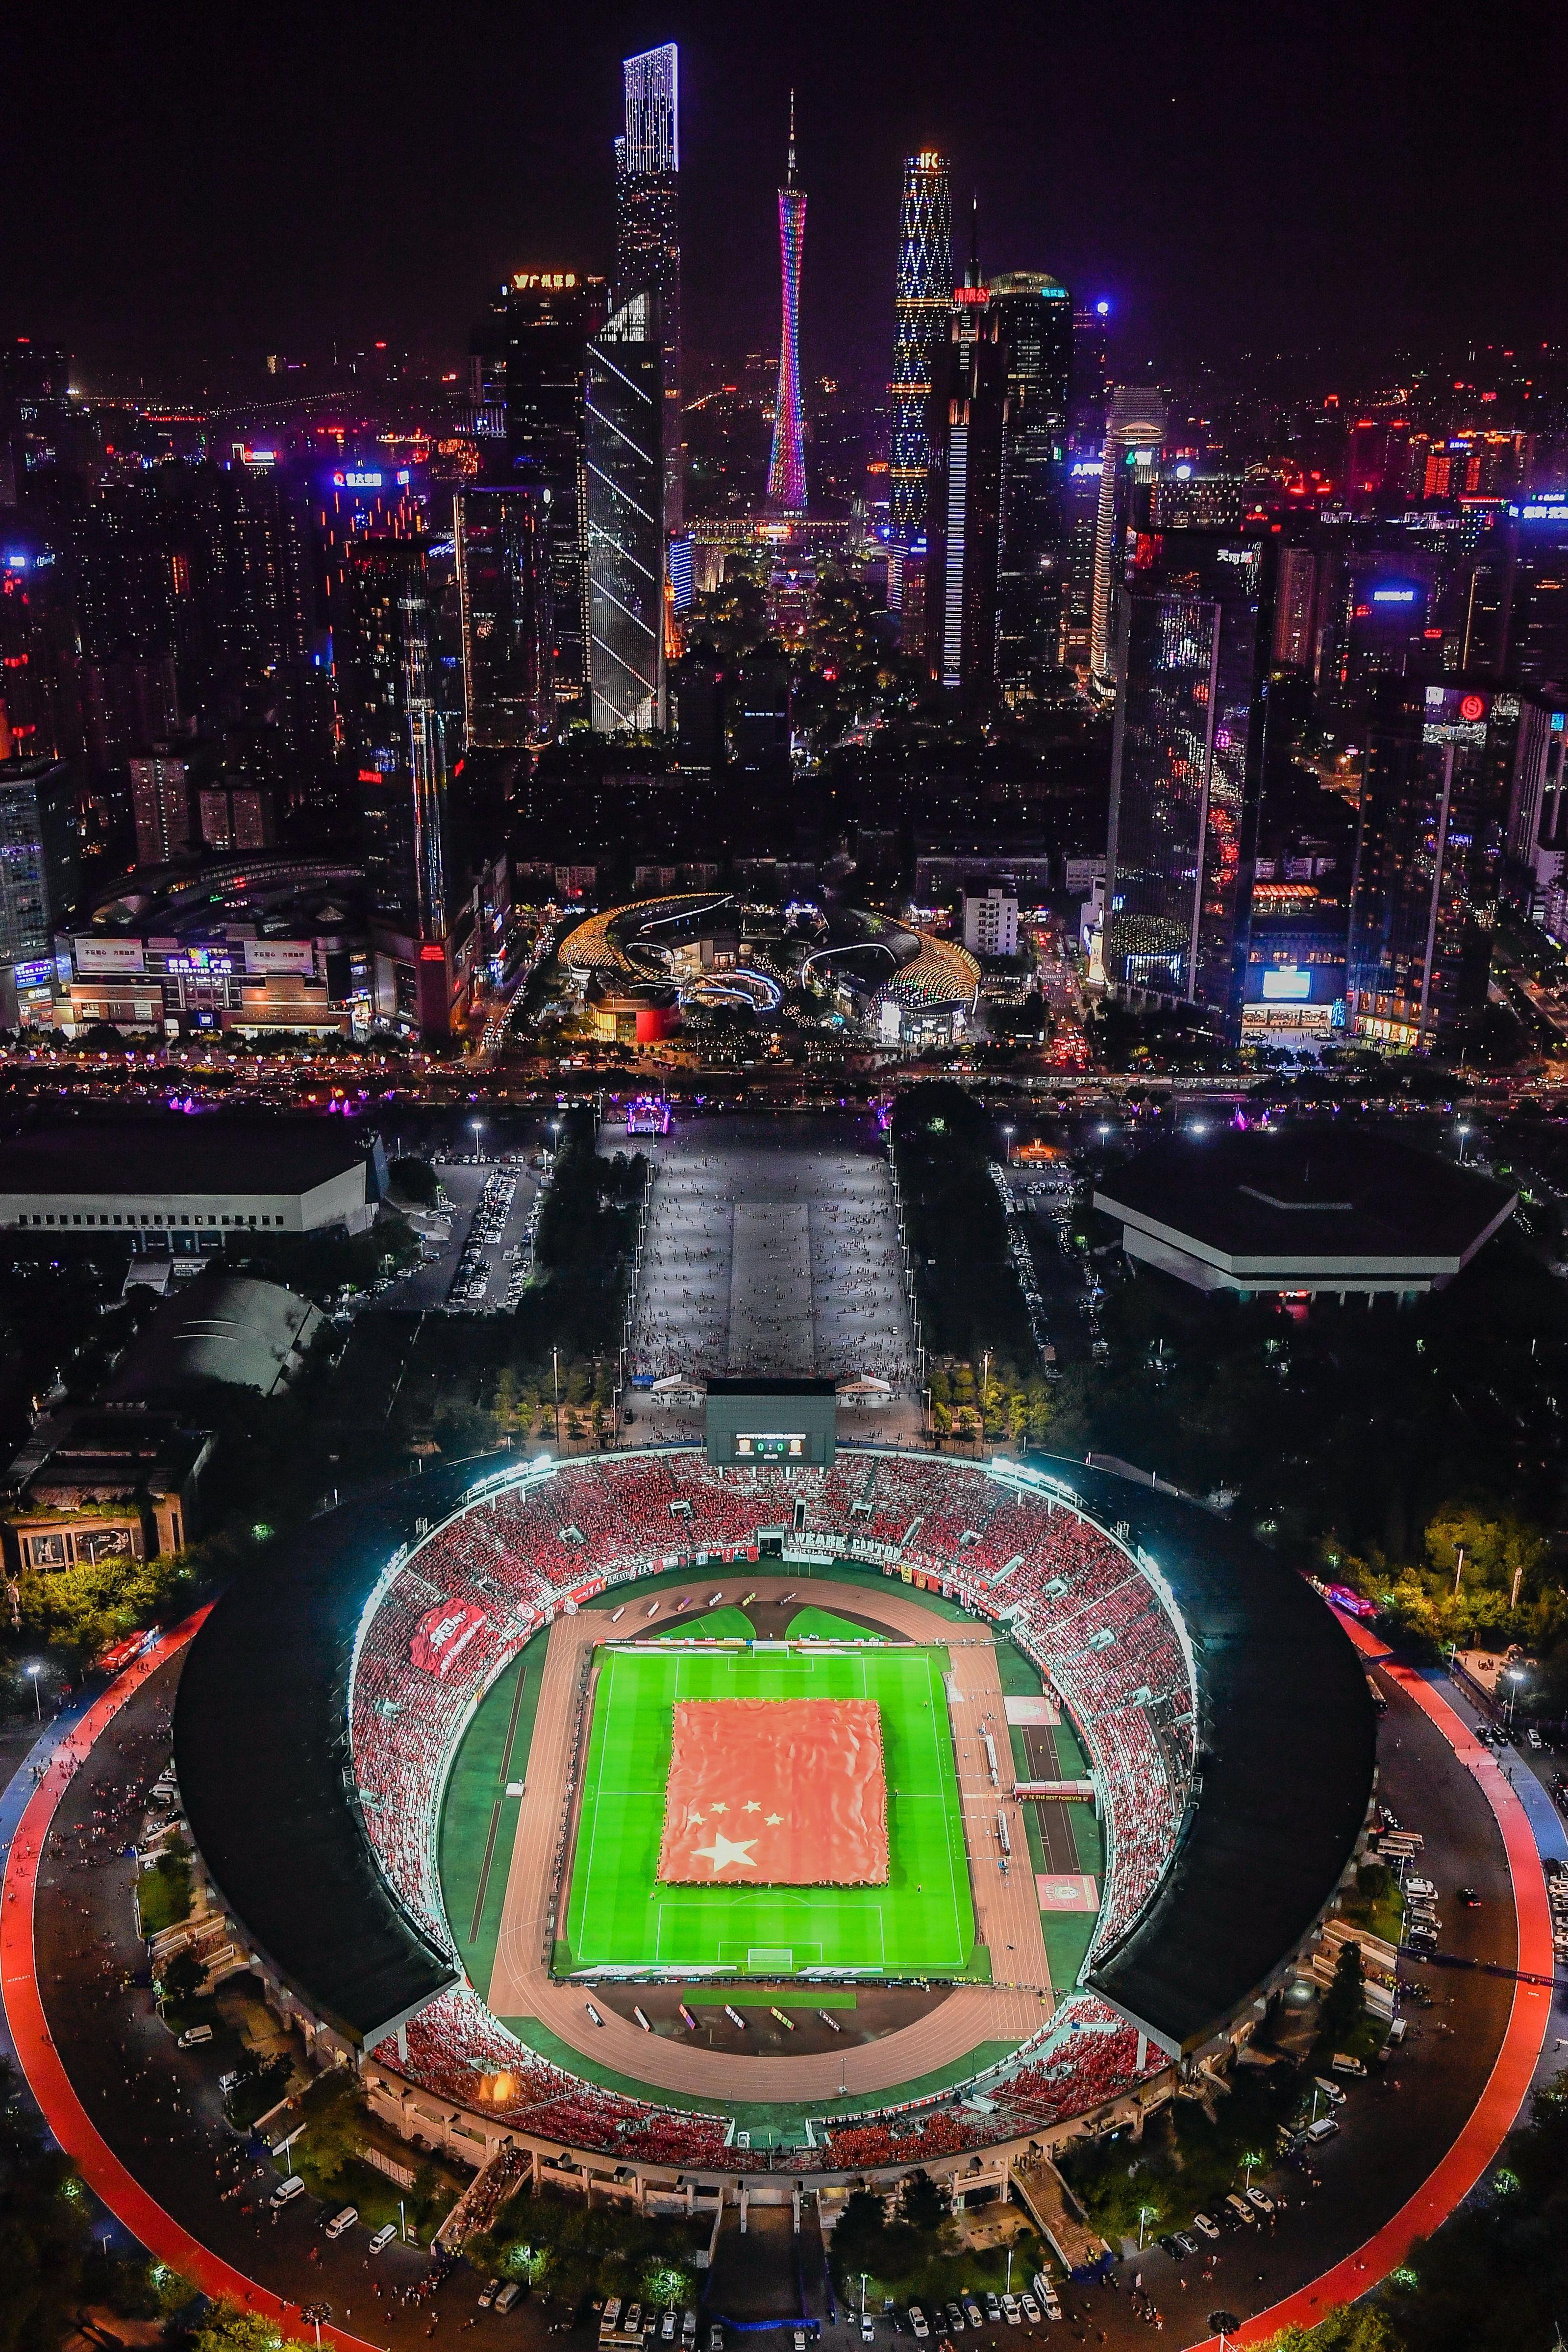 Chinese soccer stadium